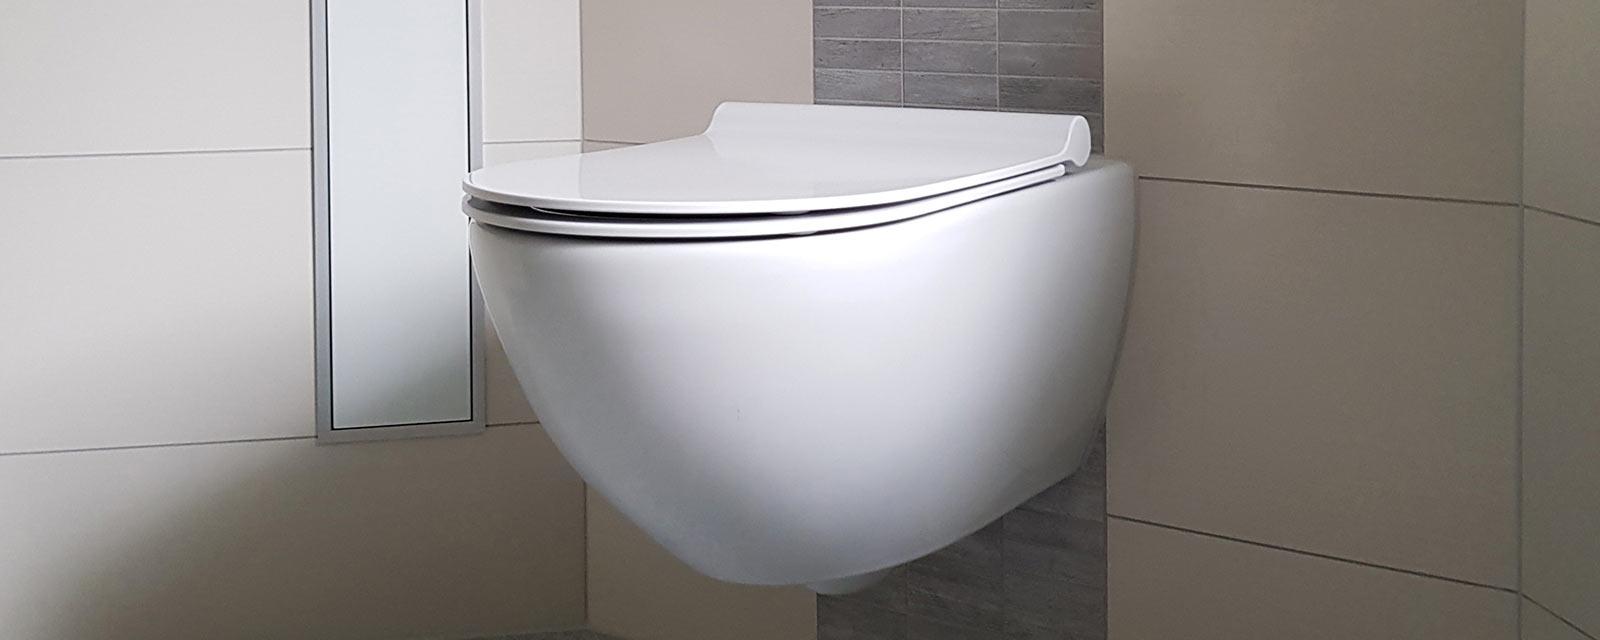 Comment Installer Toilette Suspendu comment choisir ses wc suspendu ? | guide artisan